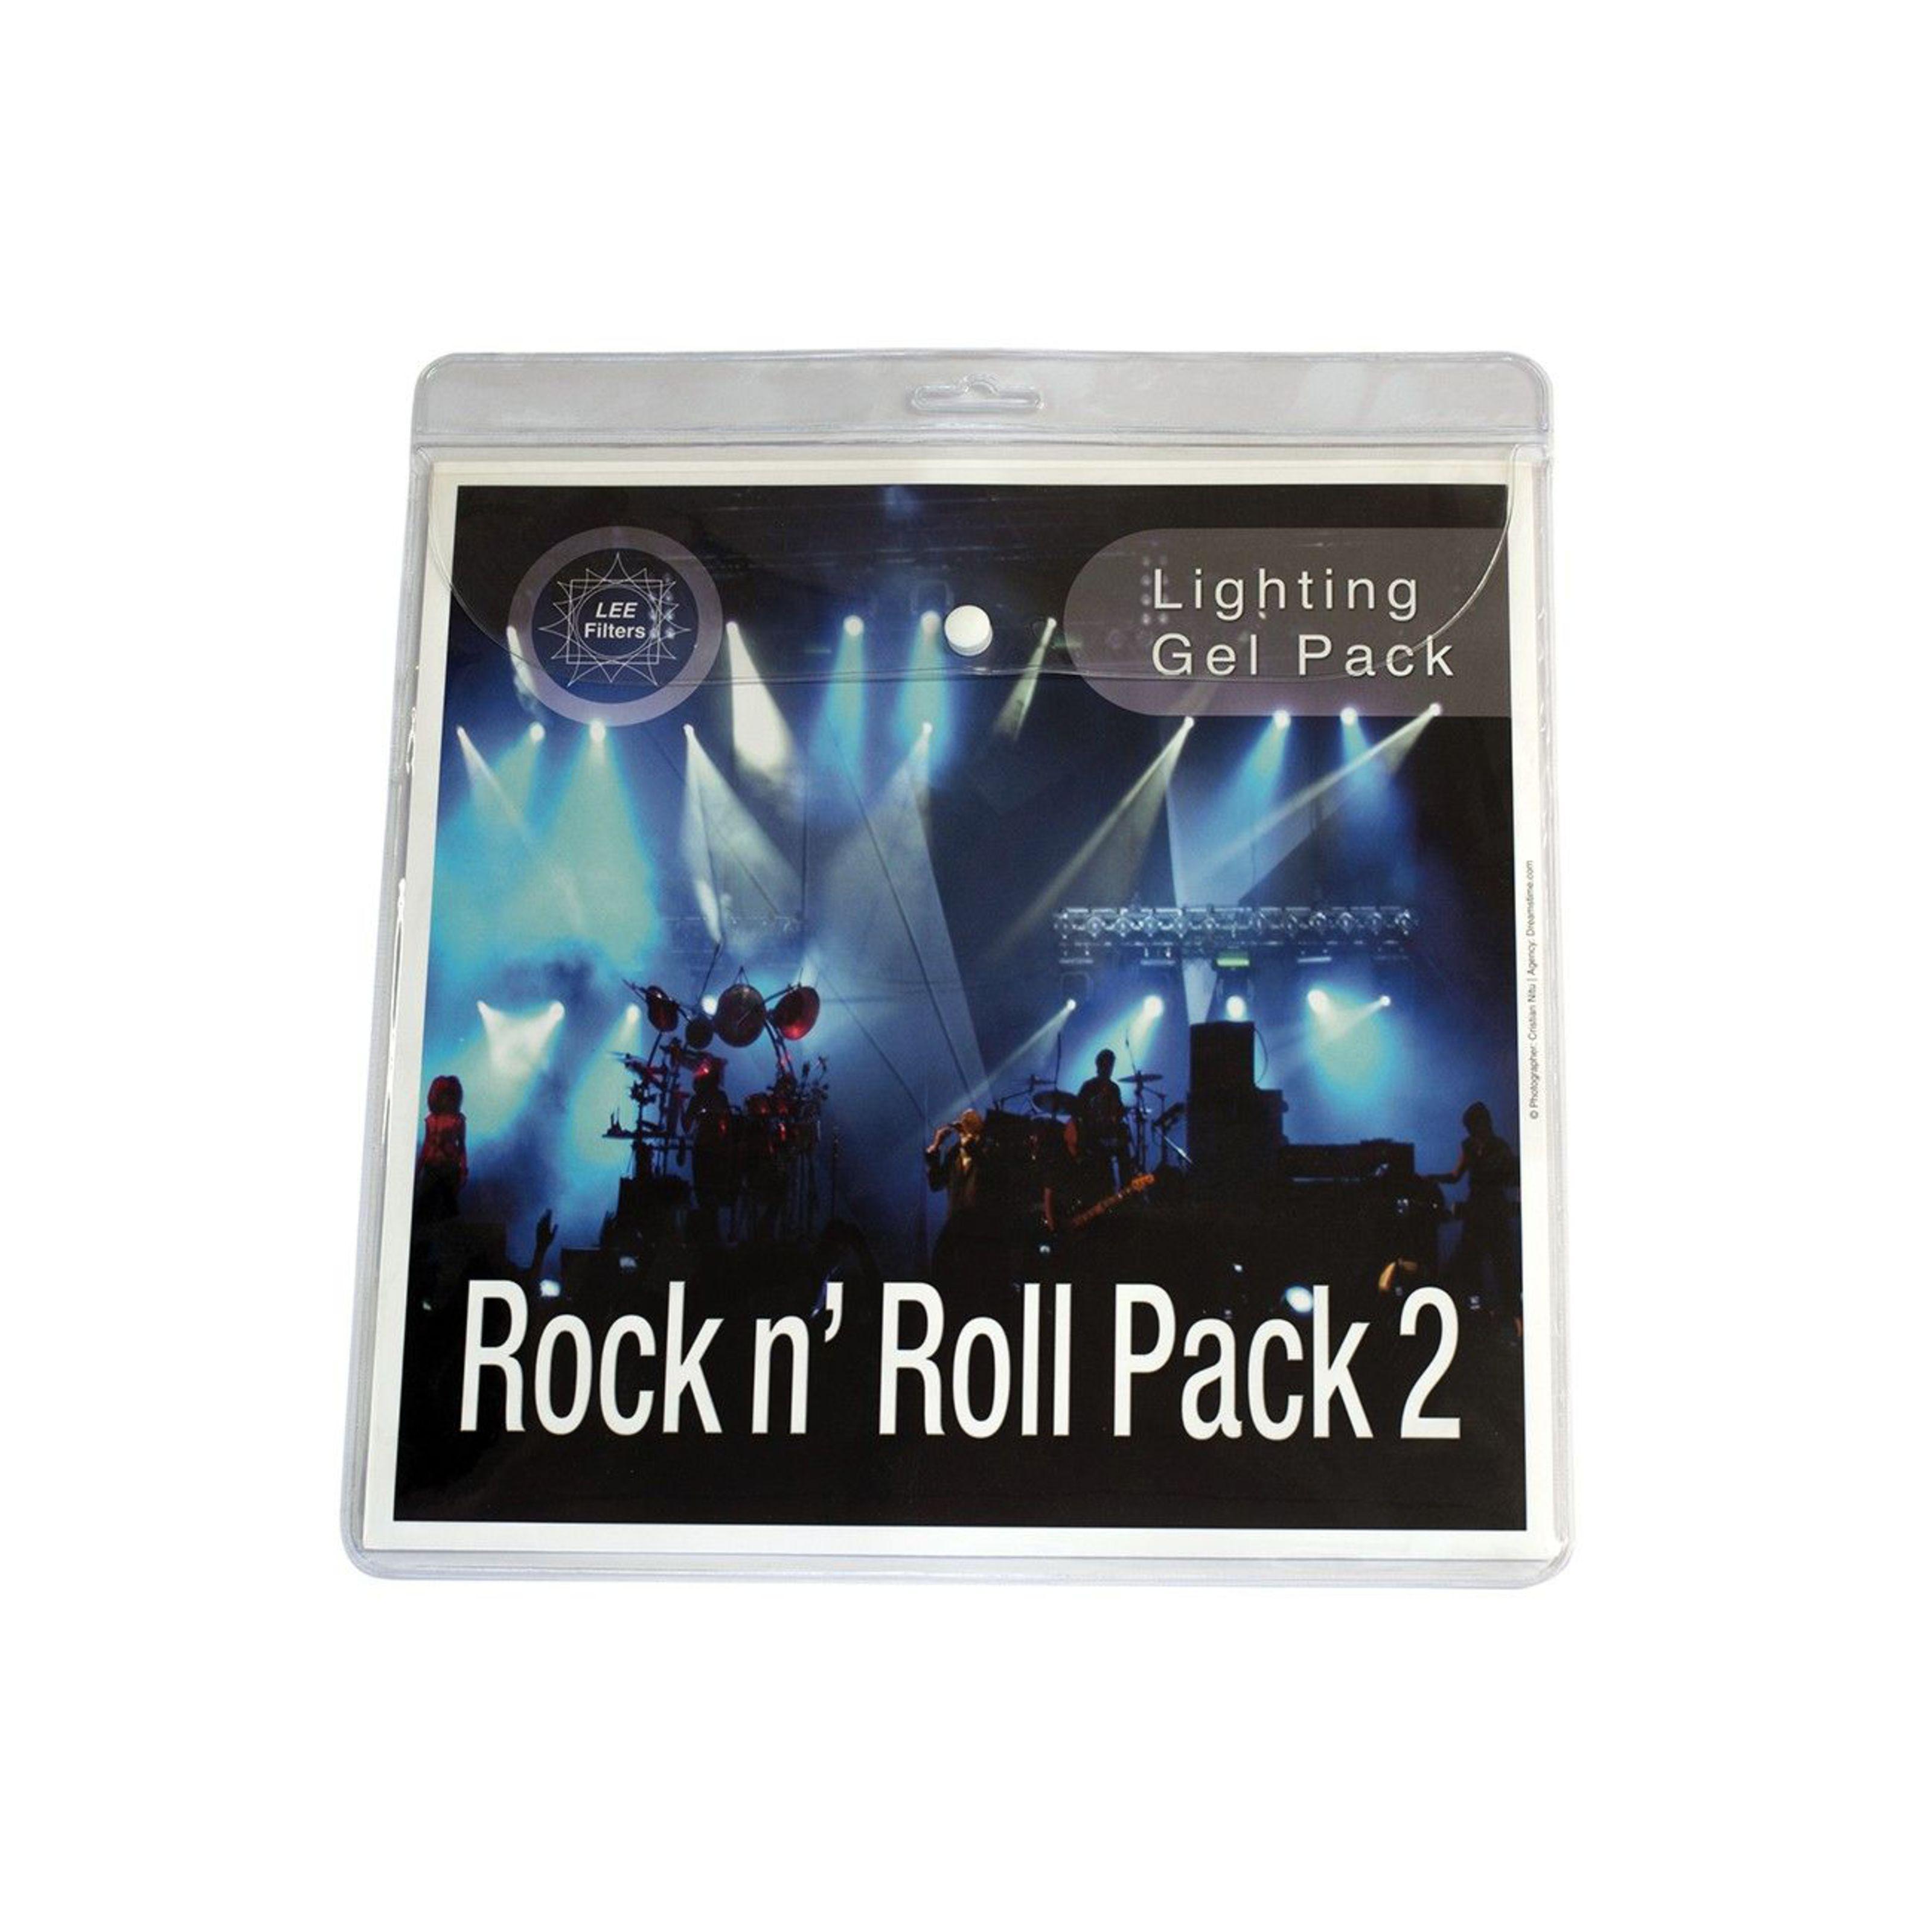 Lee - Rock n' Roll Pack 2